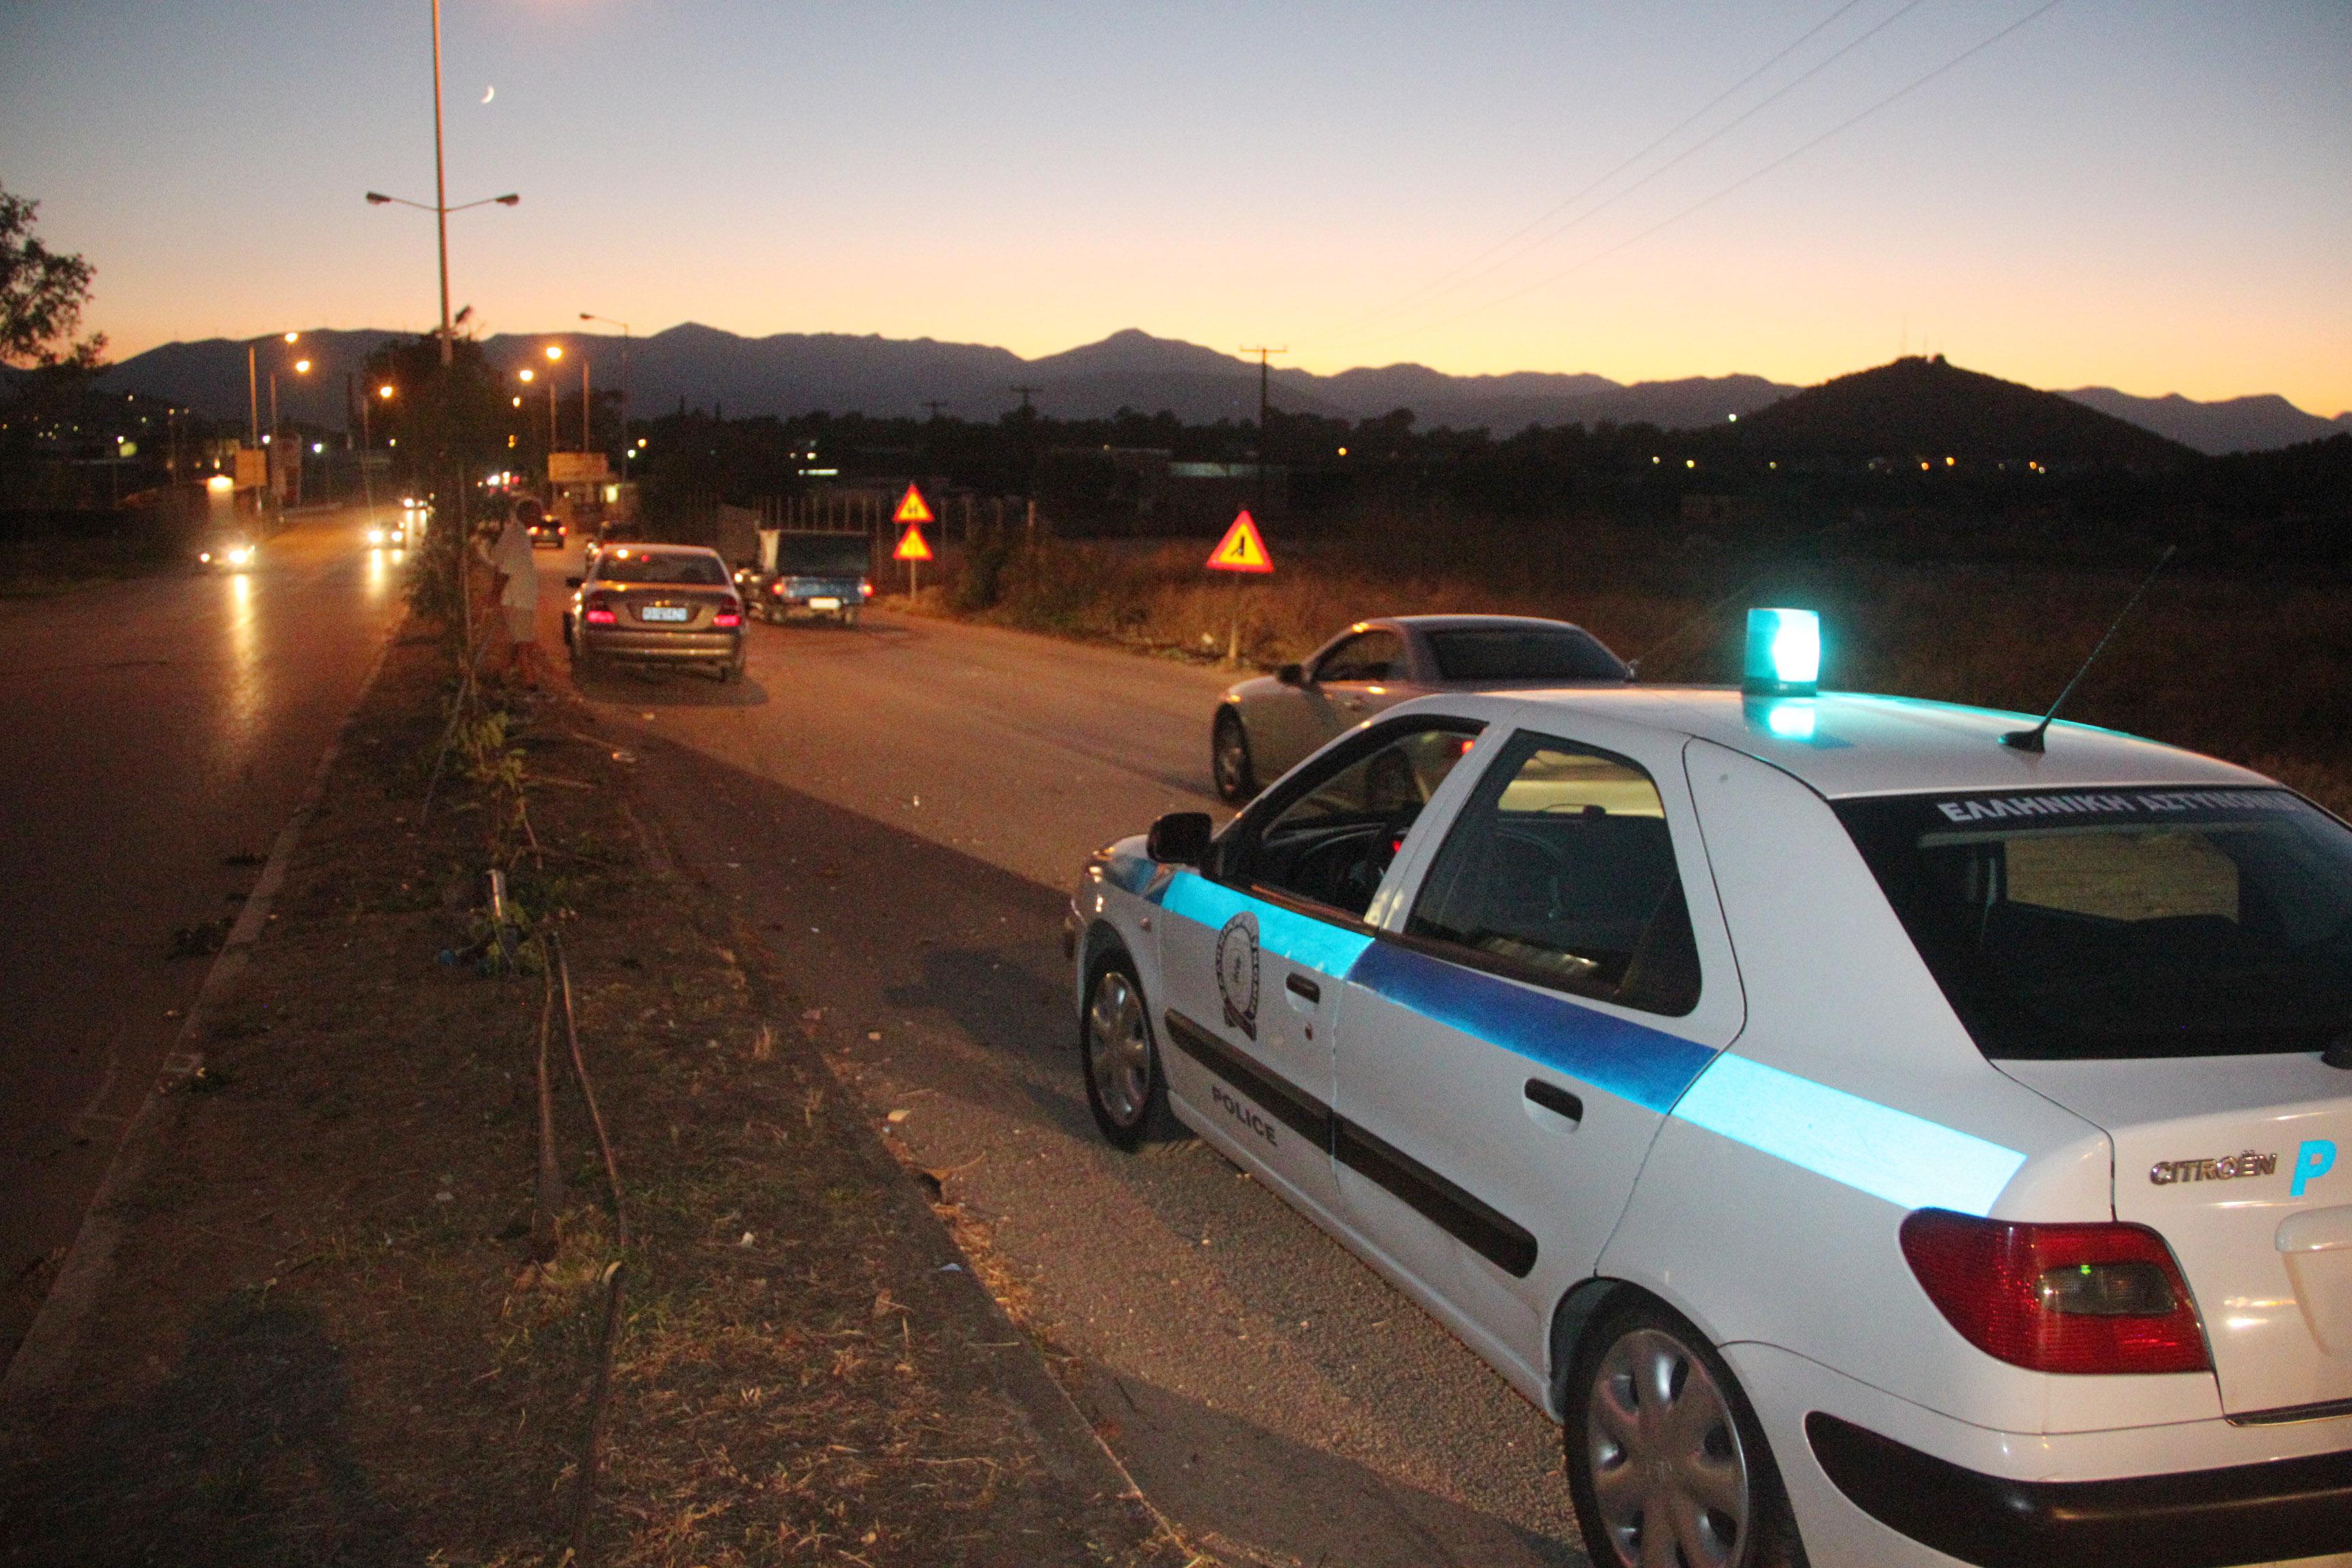 Καραμπόλα τεσσάρων αυτοκινήτων στην άνοδο της Κηφισίας στο Μαρούσι | tovima.gr